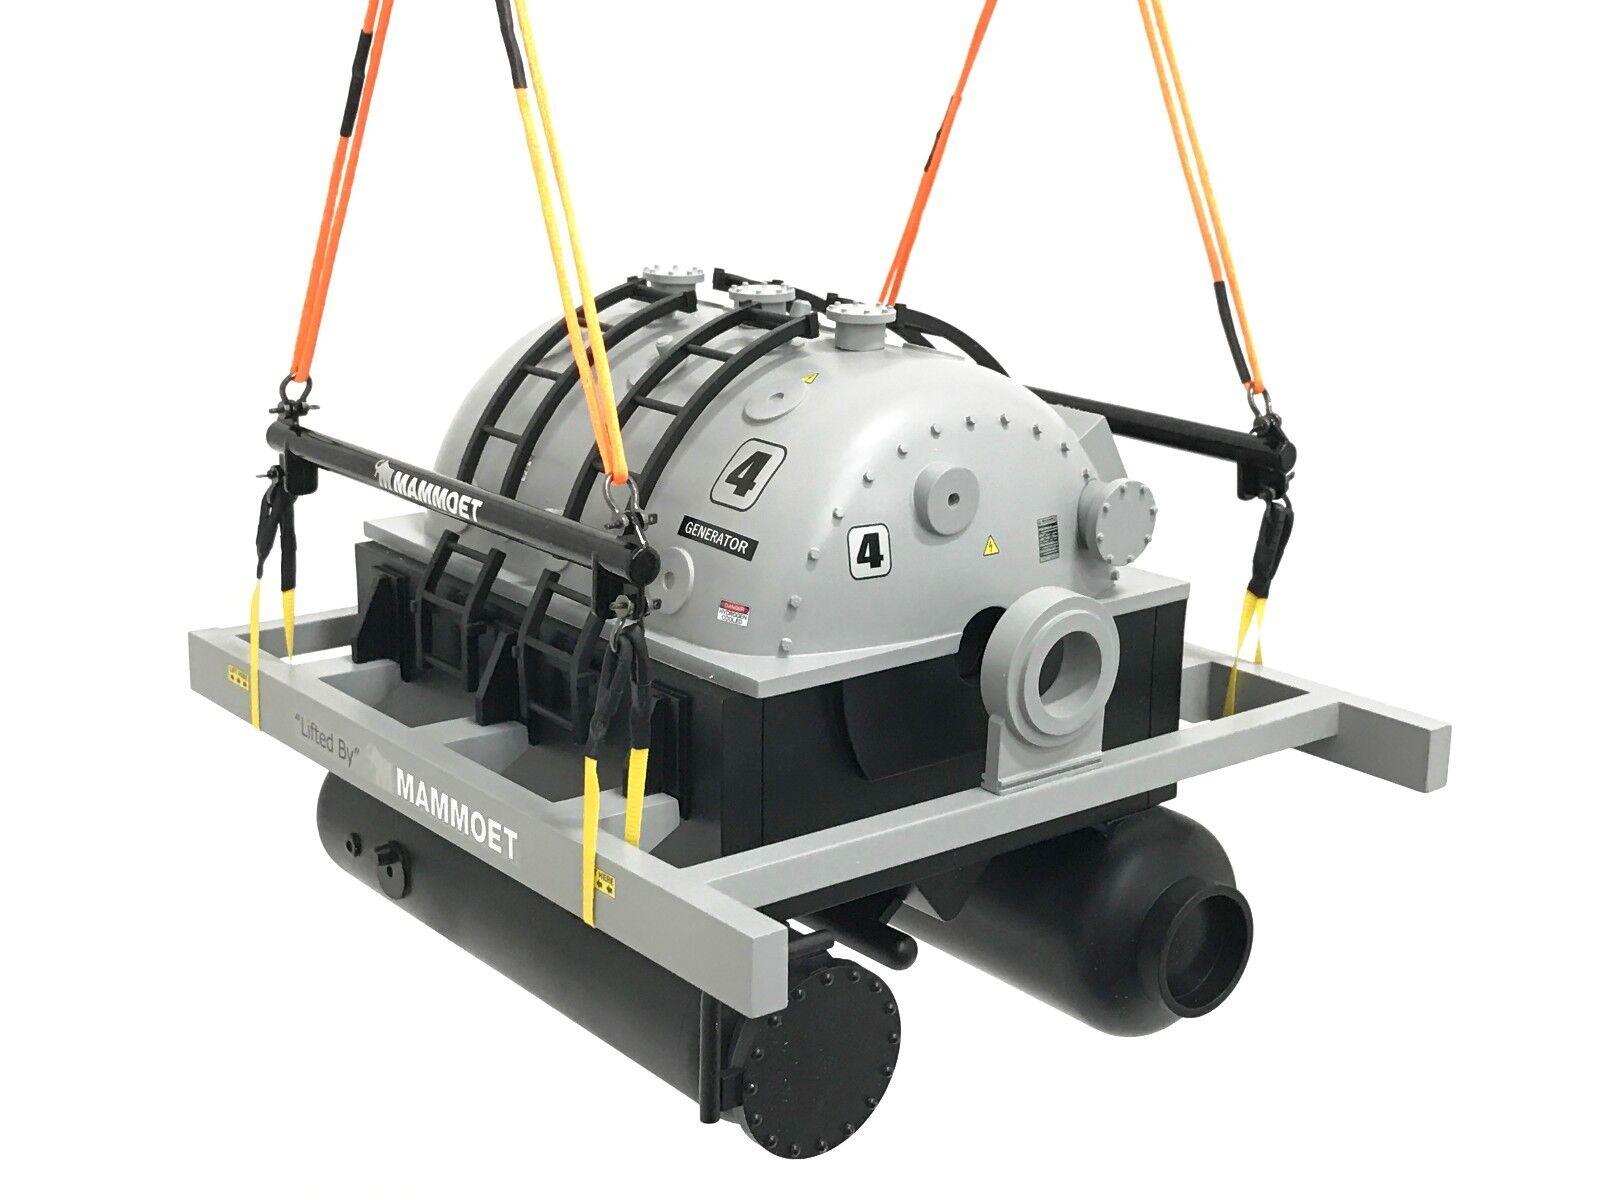 Weiss Bredhers WBR009 Mammoet Generator Set w Lifting Kit - New Release 1 50 MIB